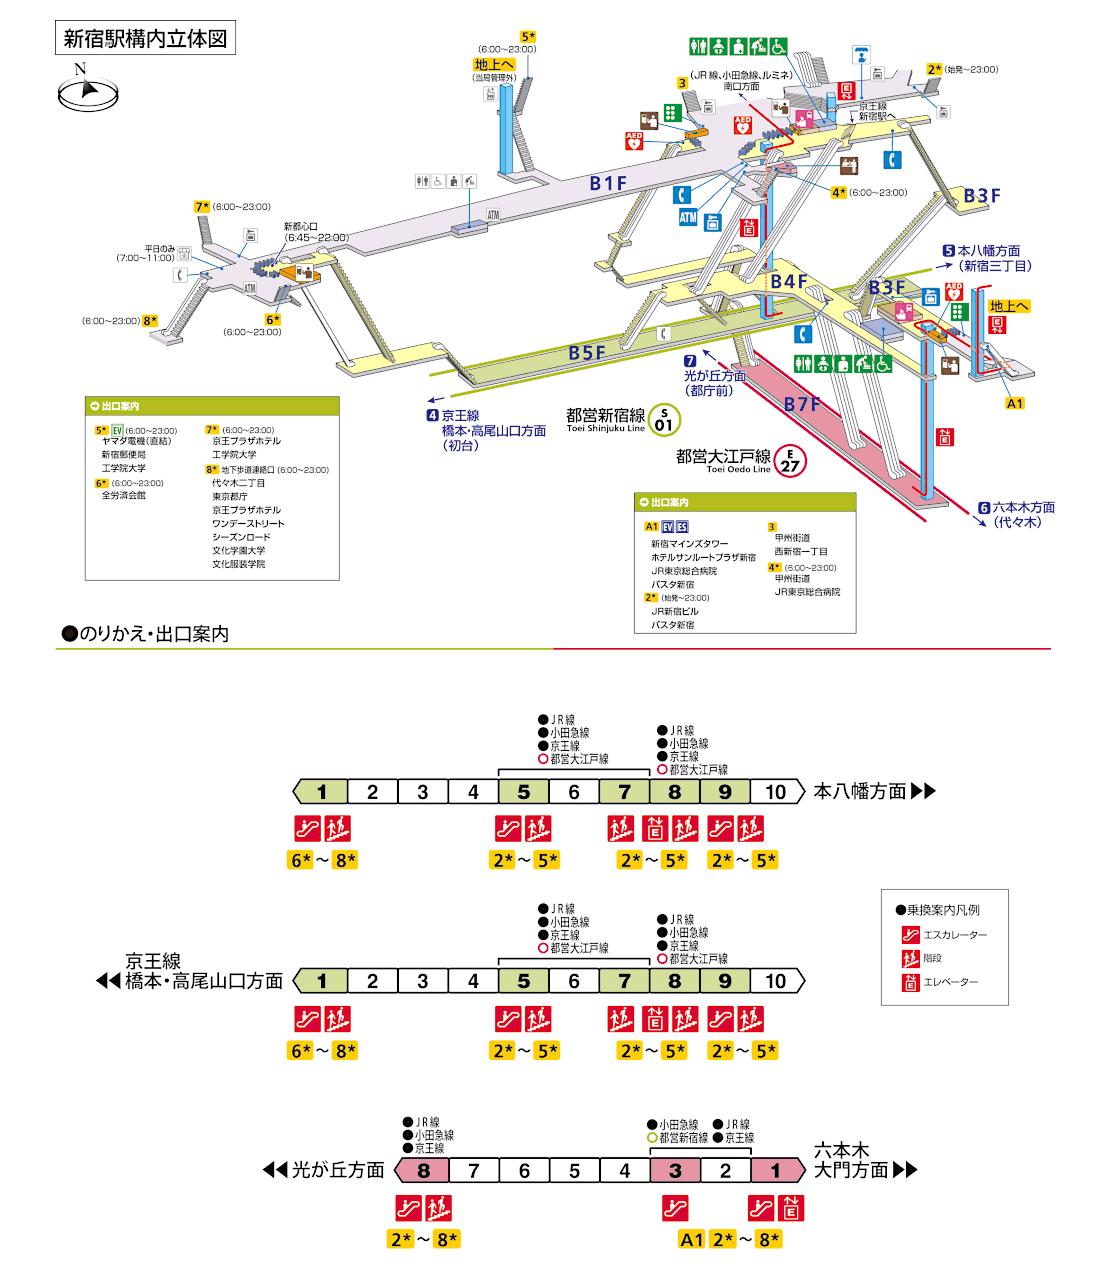 都営地下鉄構内図